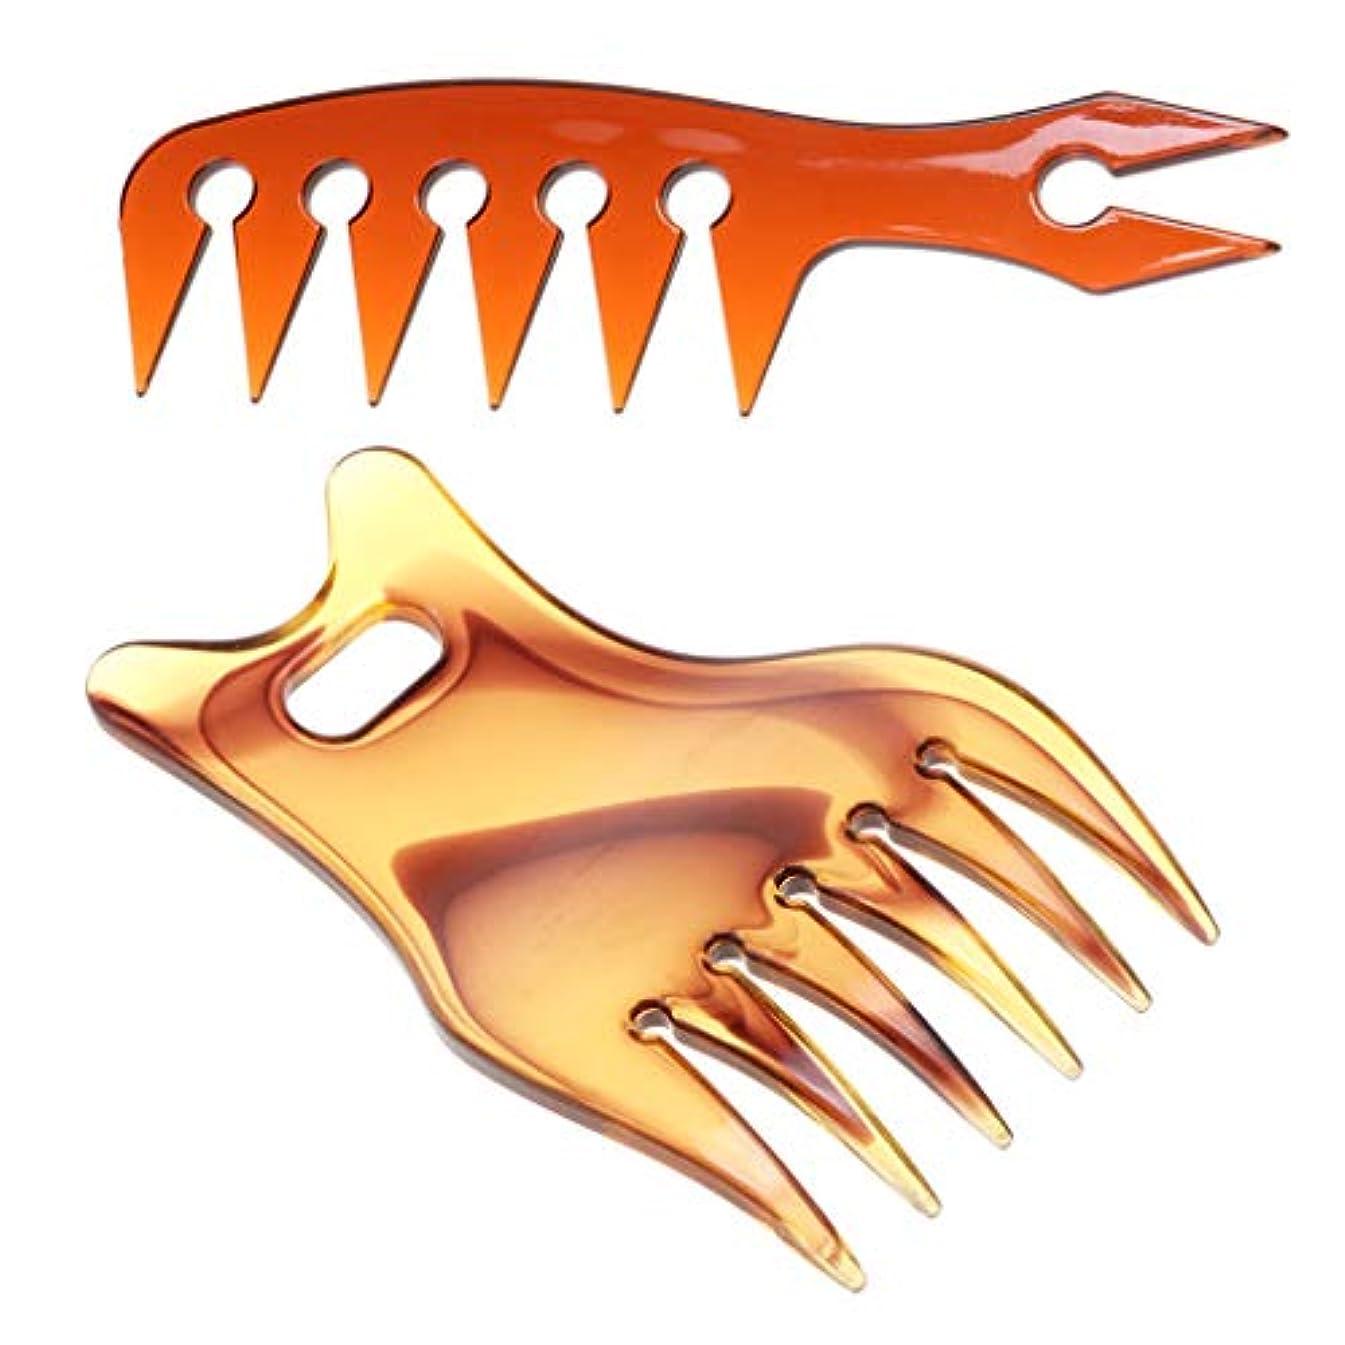 ヘルパーパレード一握りヘアコーム オイリーヘアコーム 広い歯 毛櫛 ヘアダイコーム プラスチック 帯電防止 耐熱性